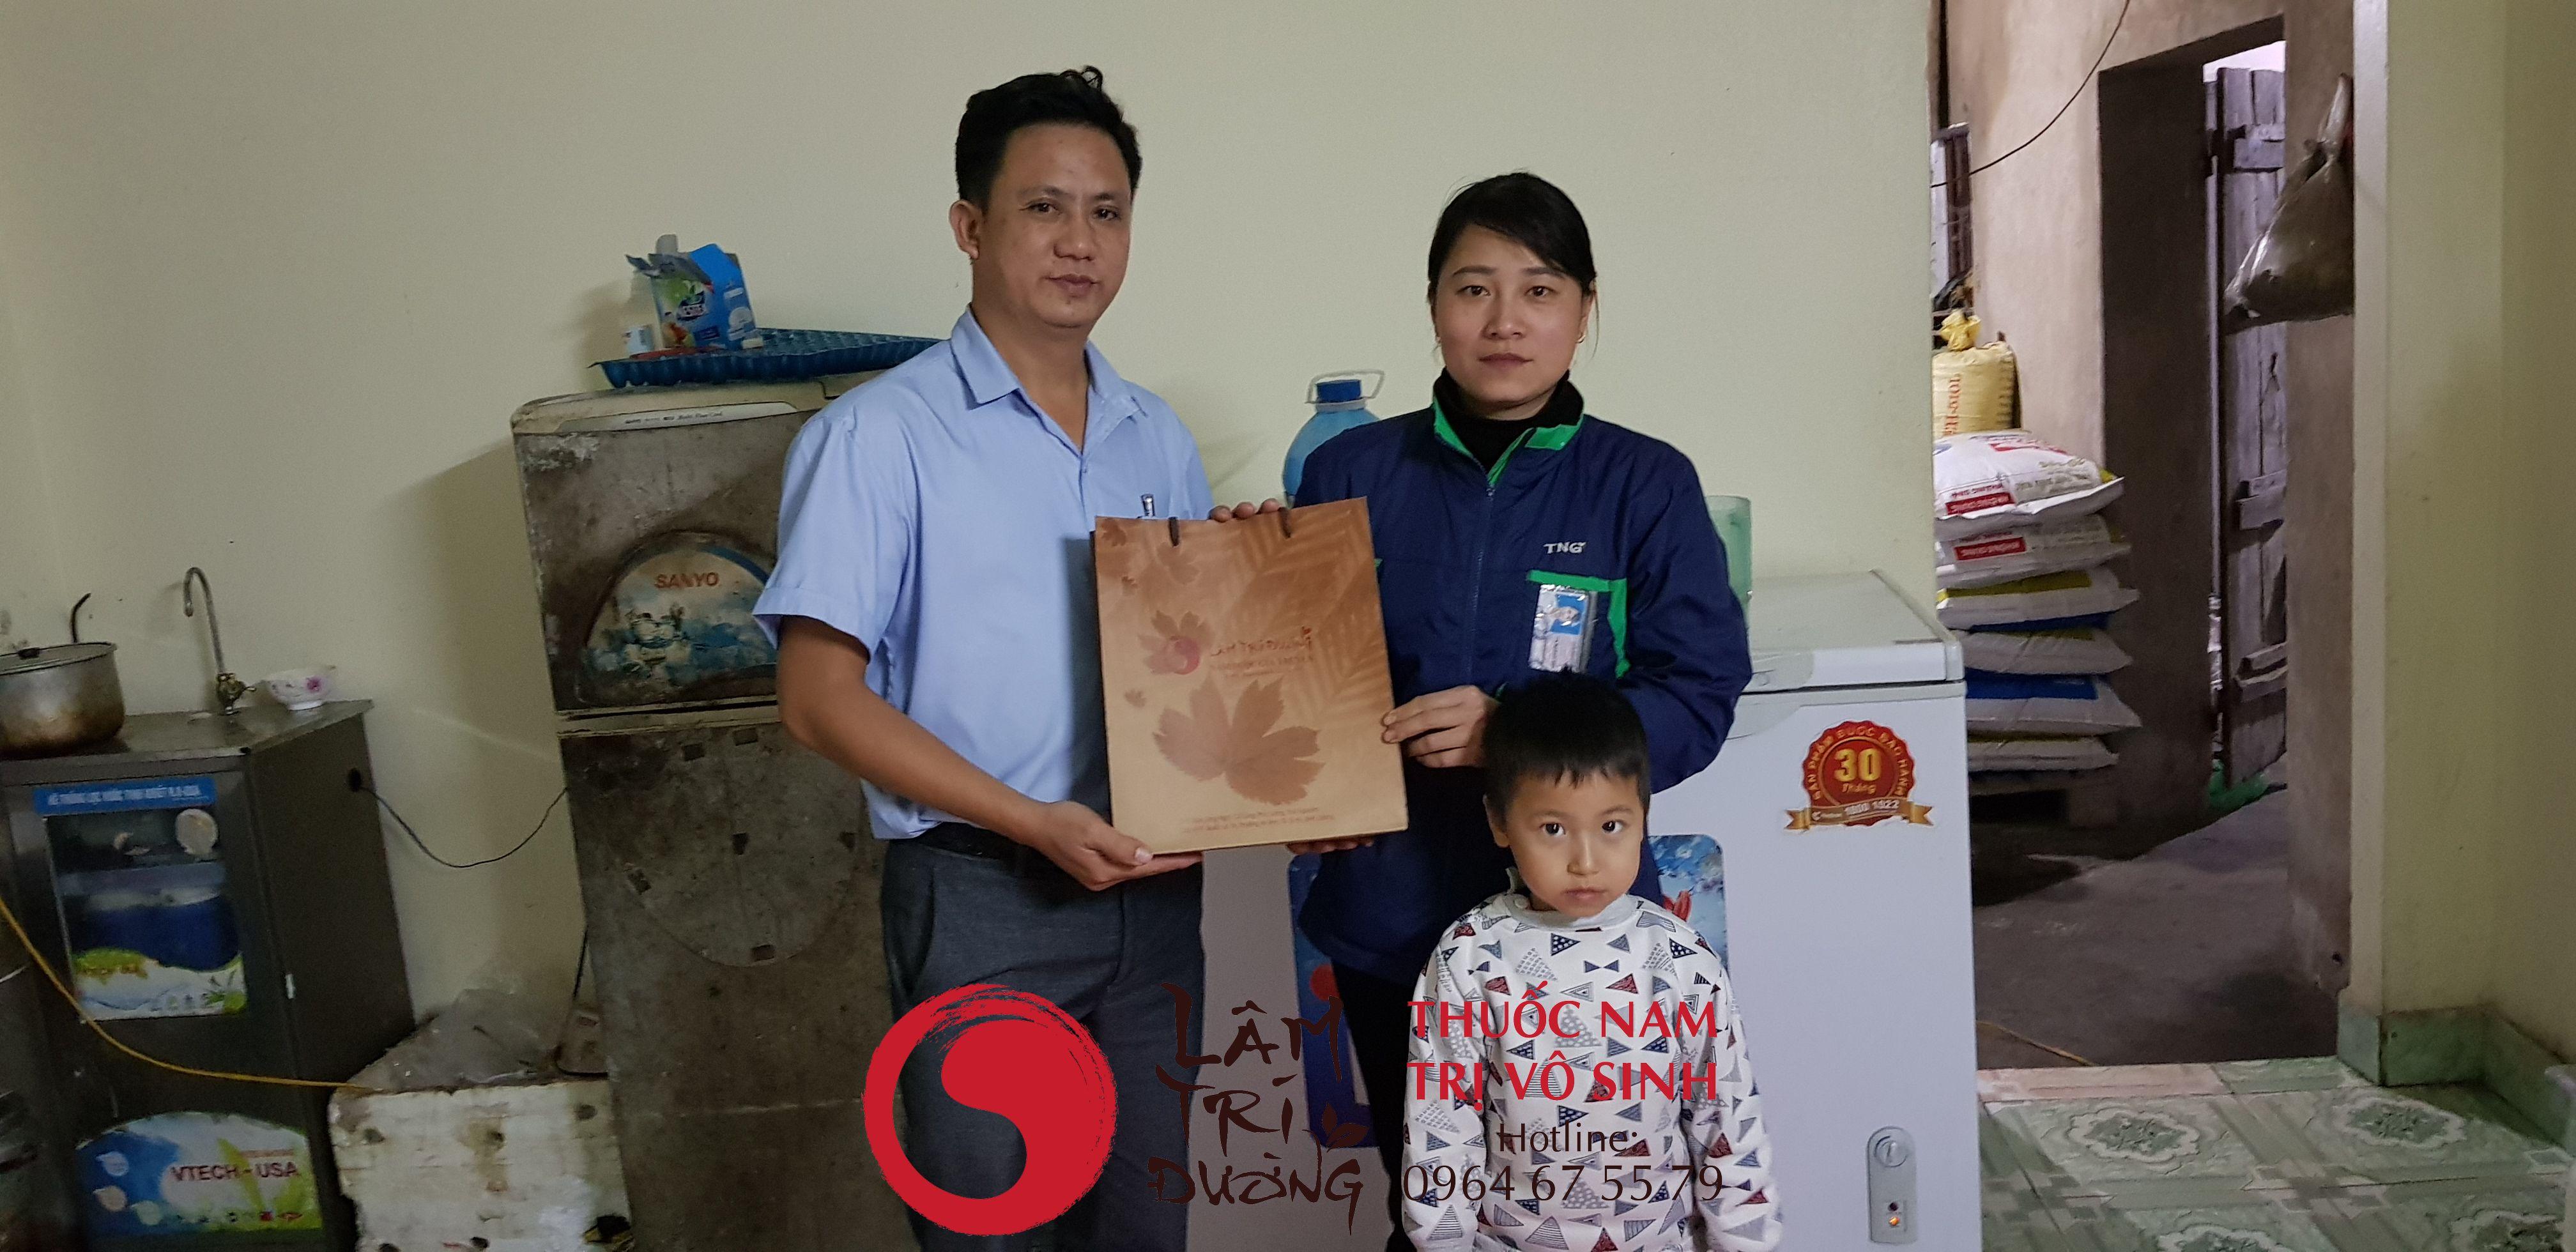 20180117 200434 result - Cách Tìm Địa Chỉ Chữa Vô Sinh Hiếm Muộn Uy Tín